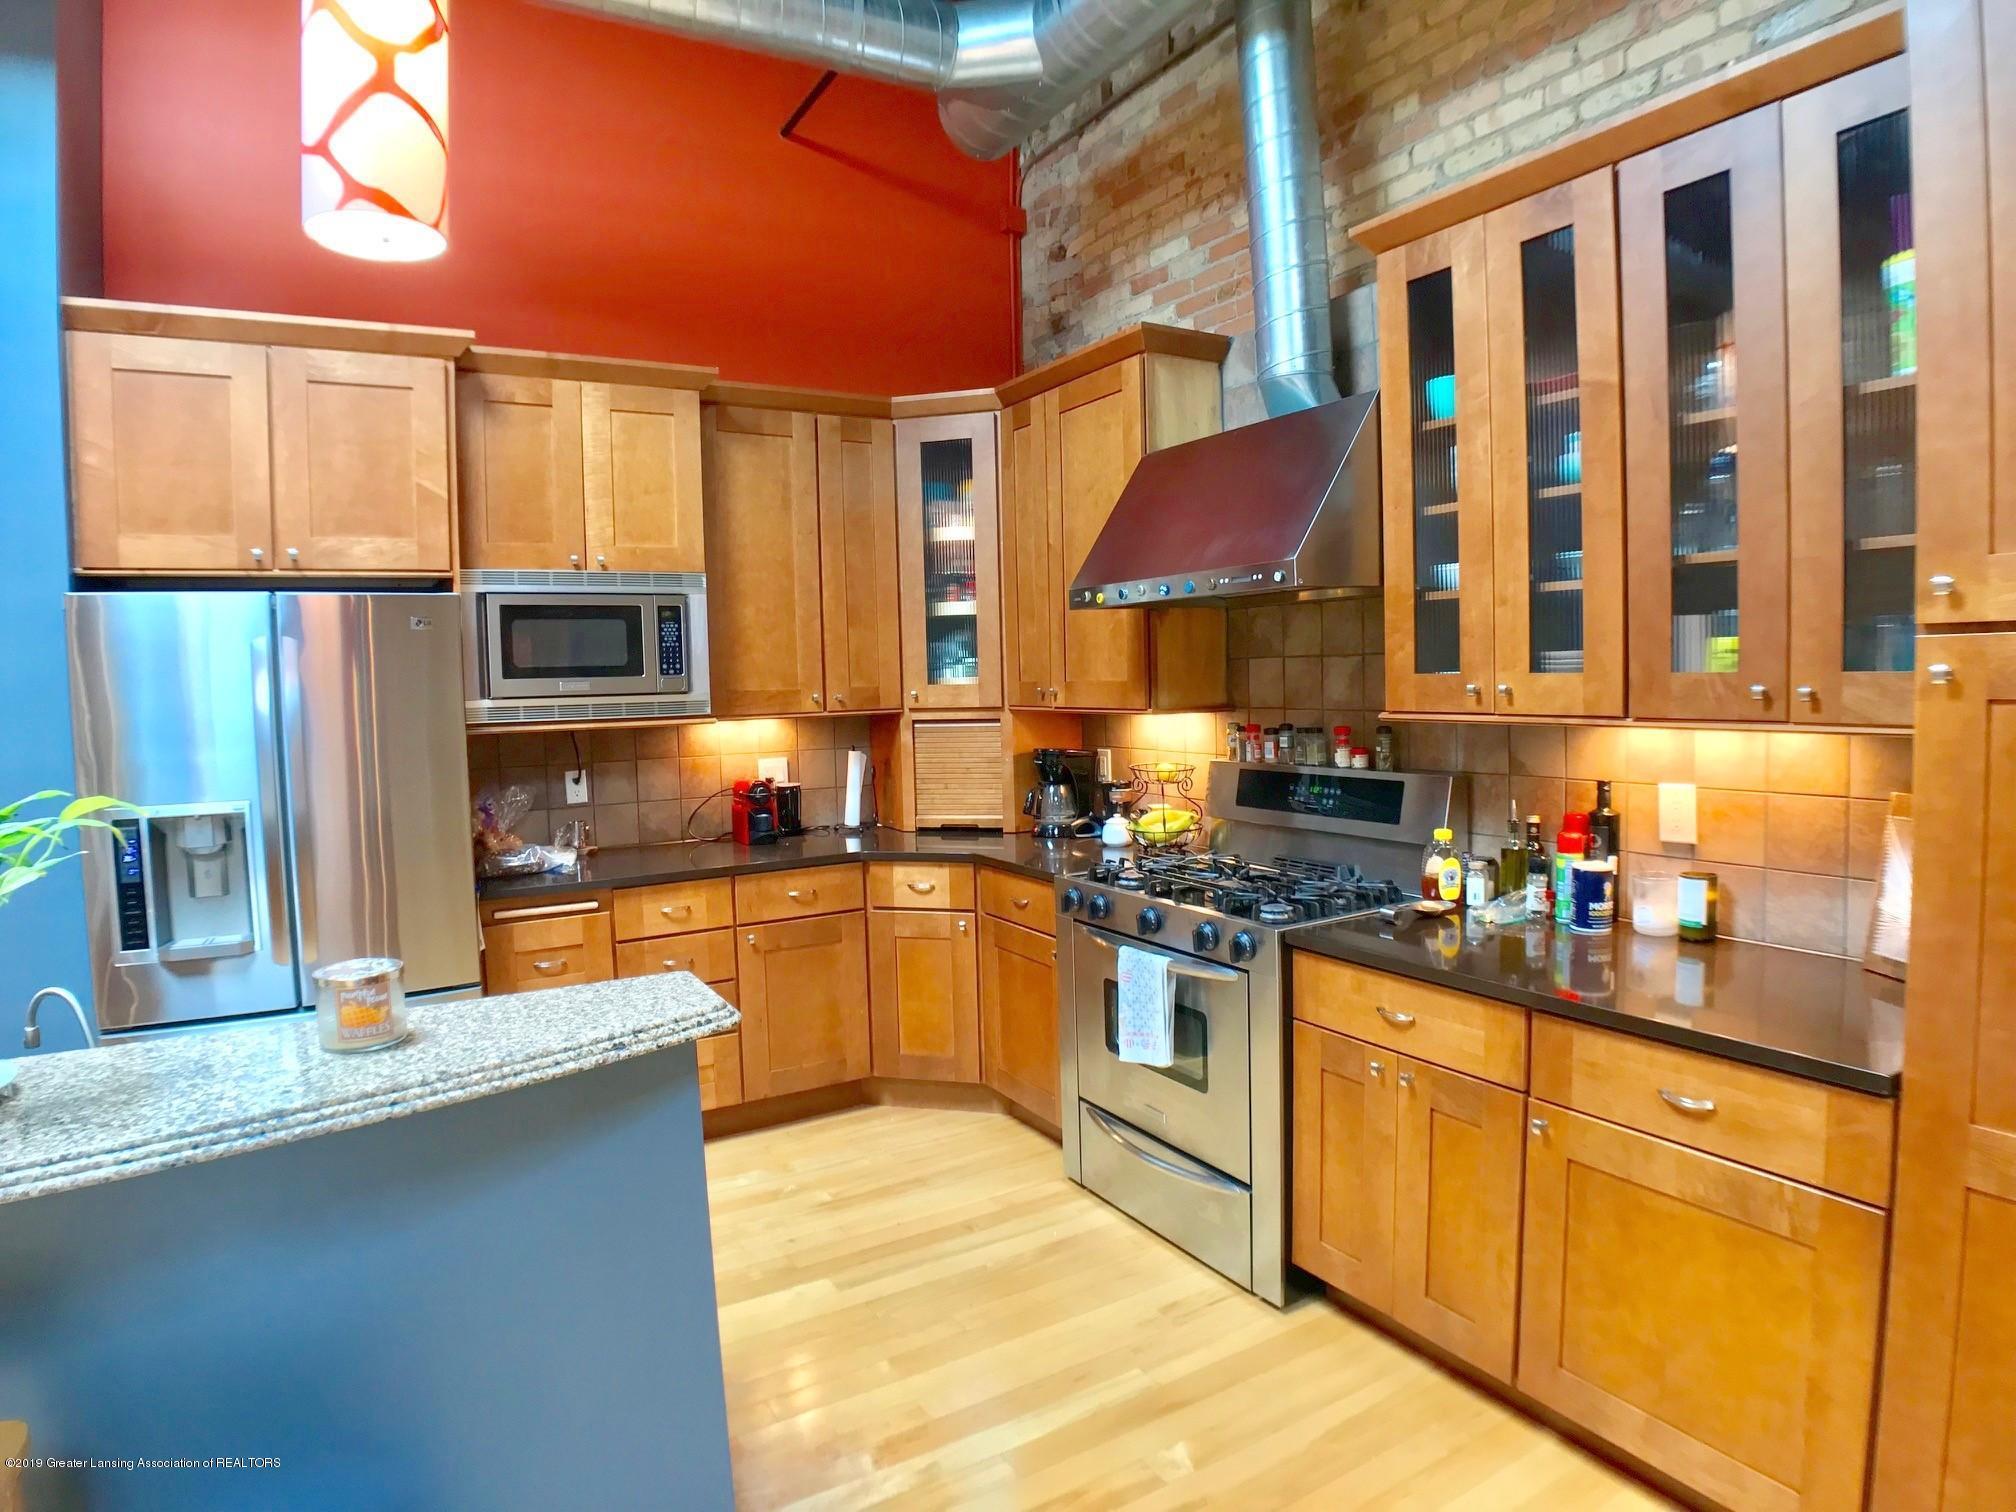 214 S Washington Square 4 - Kitchen - 6